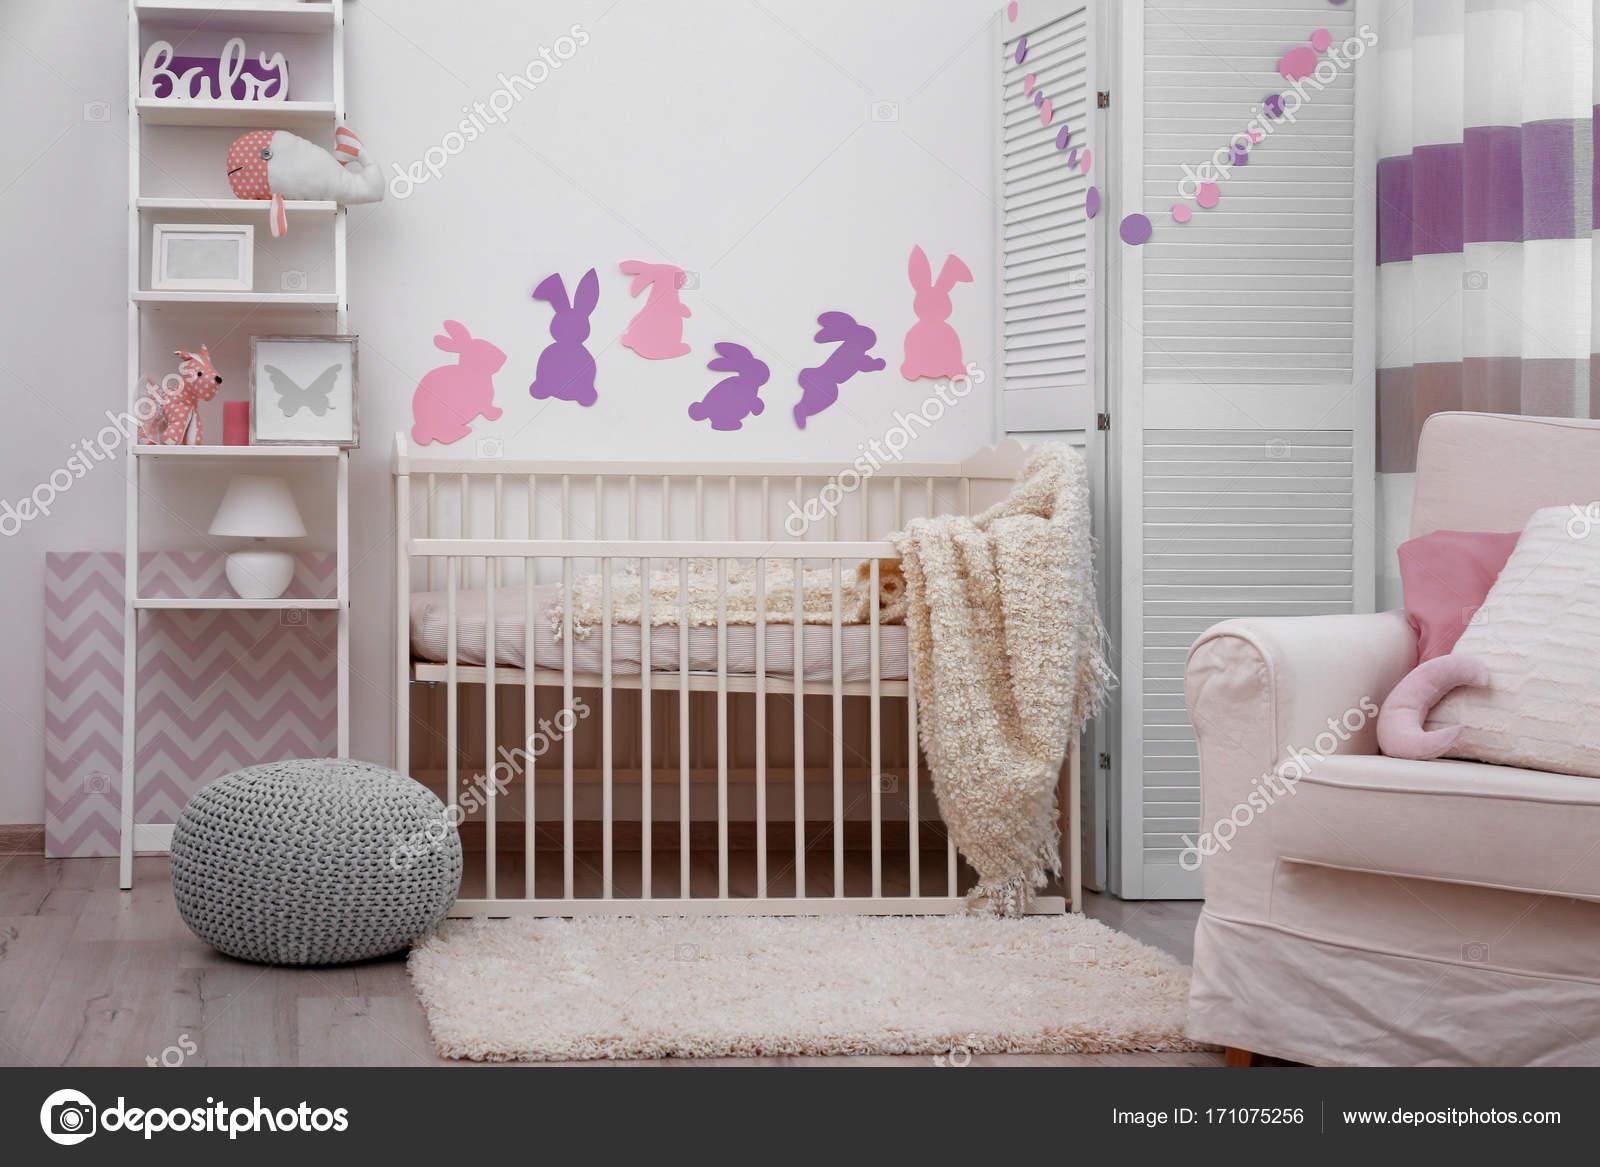 baby slaapkamer met papieren dieren op muur foto van belchonock